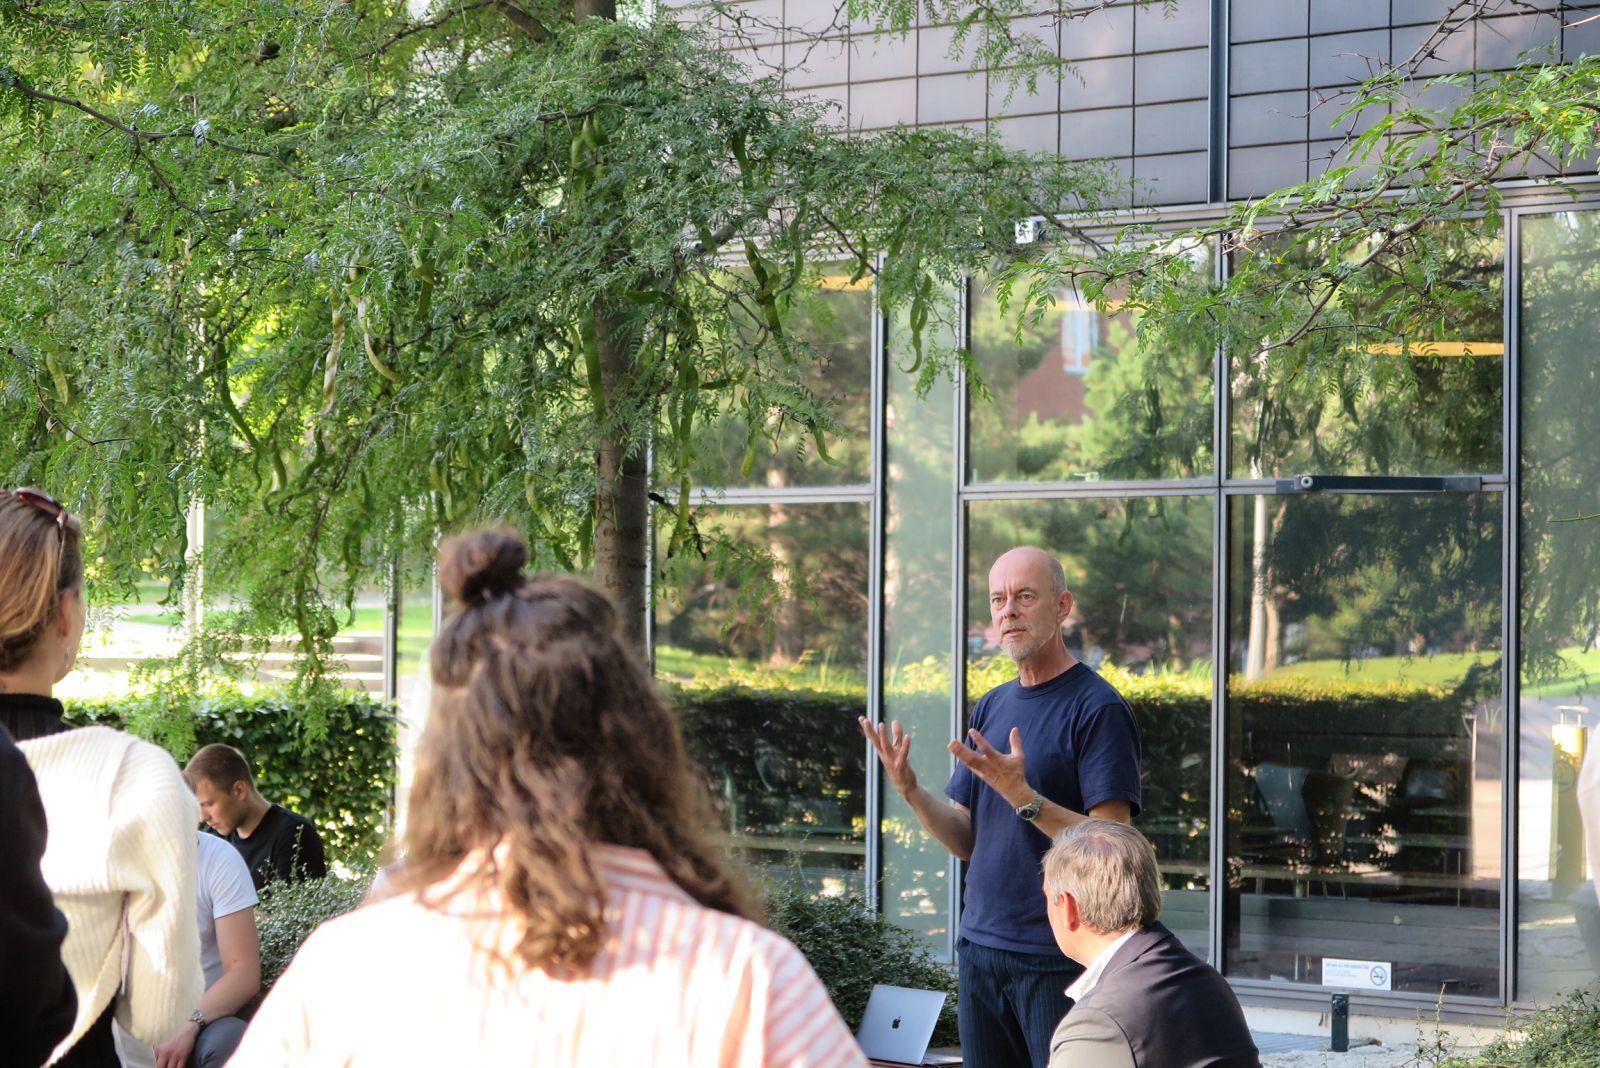 Man holding a speech